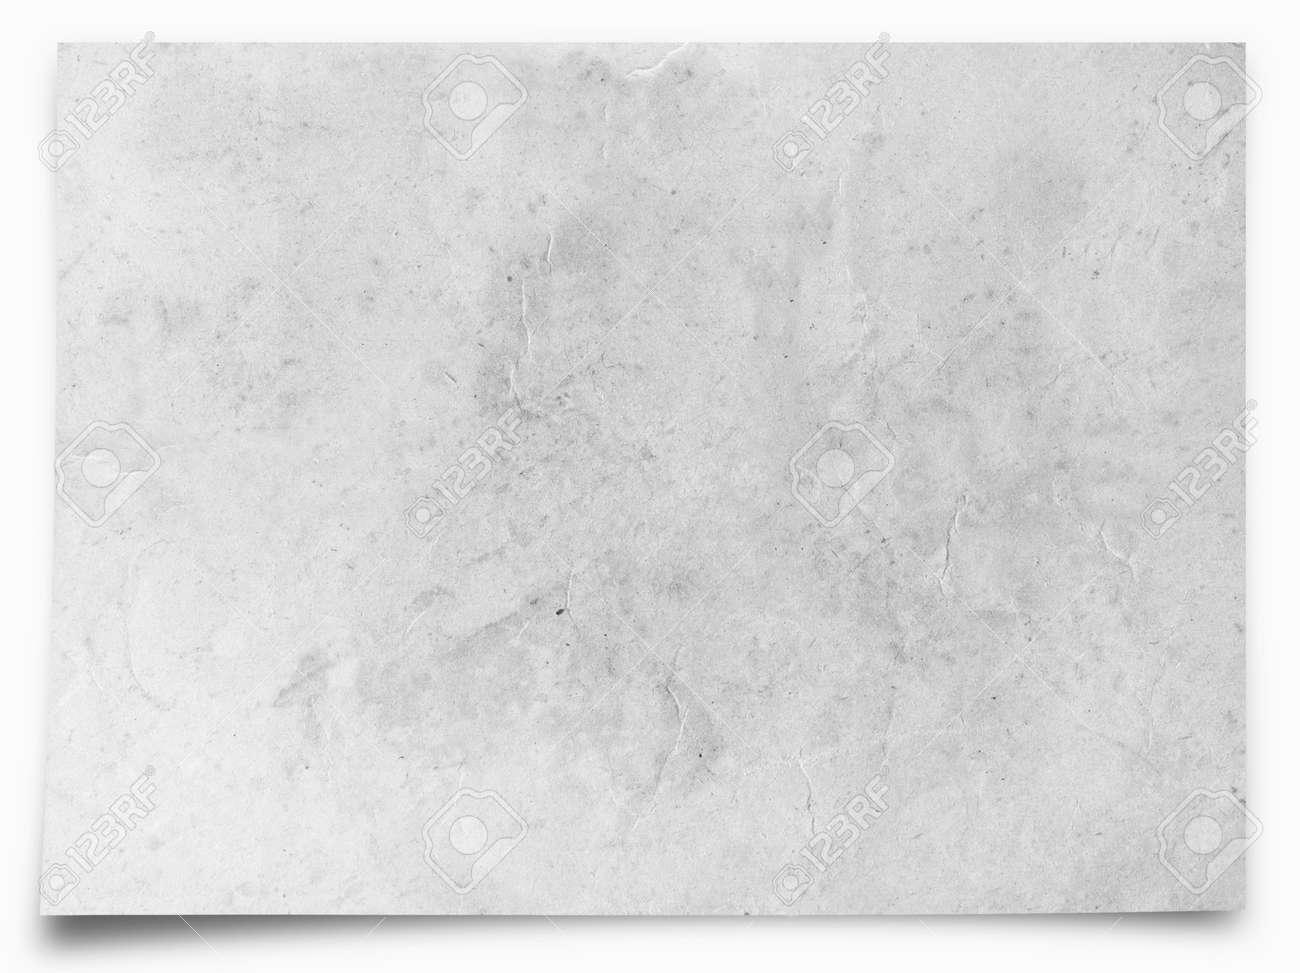 Antique parchment paper texture Stock Photo - 7527179